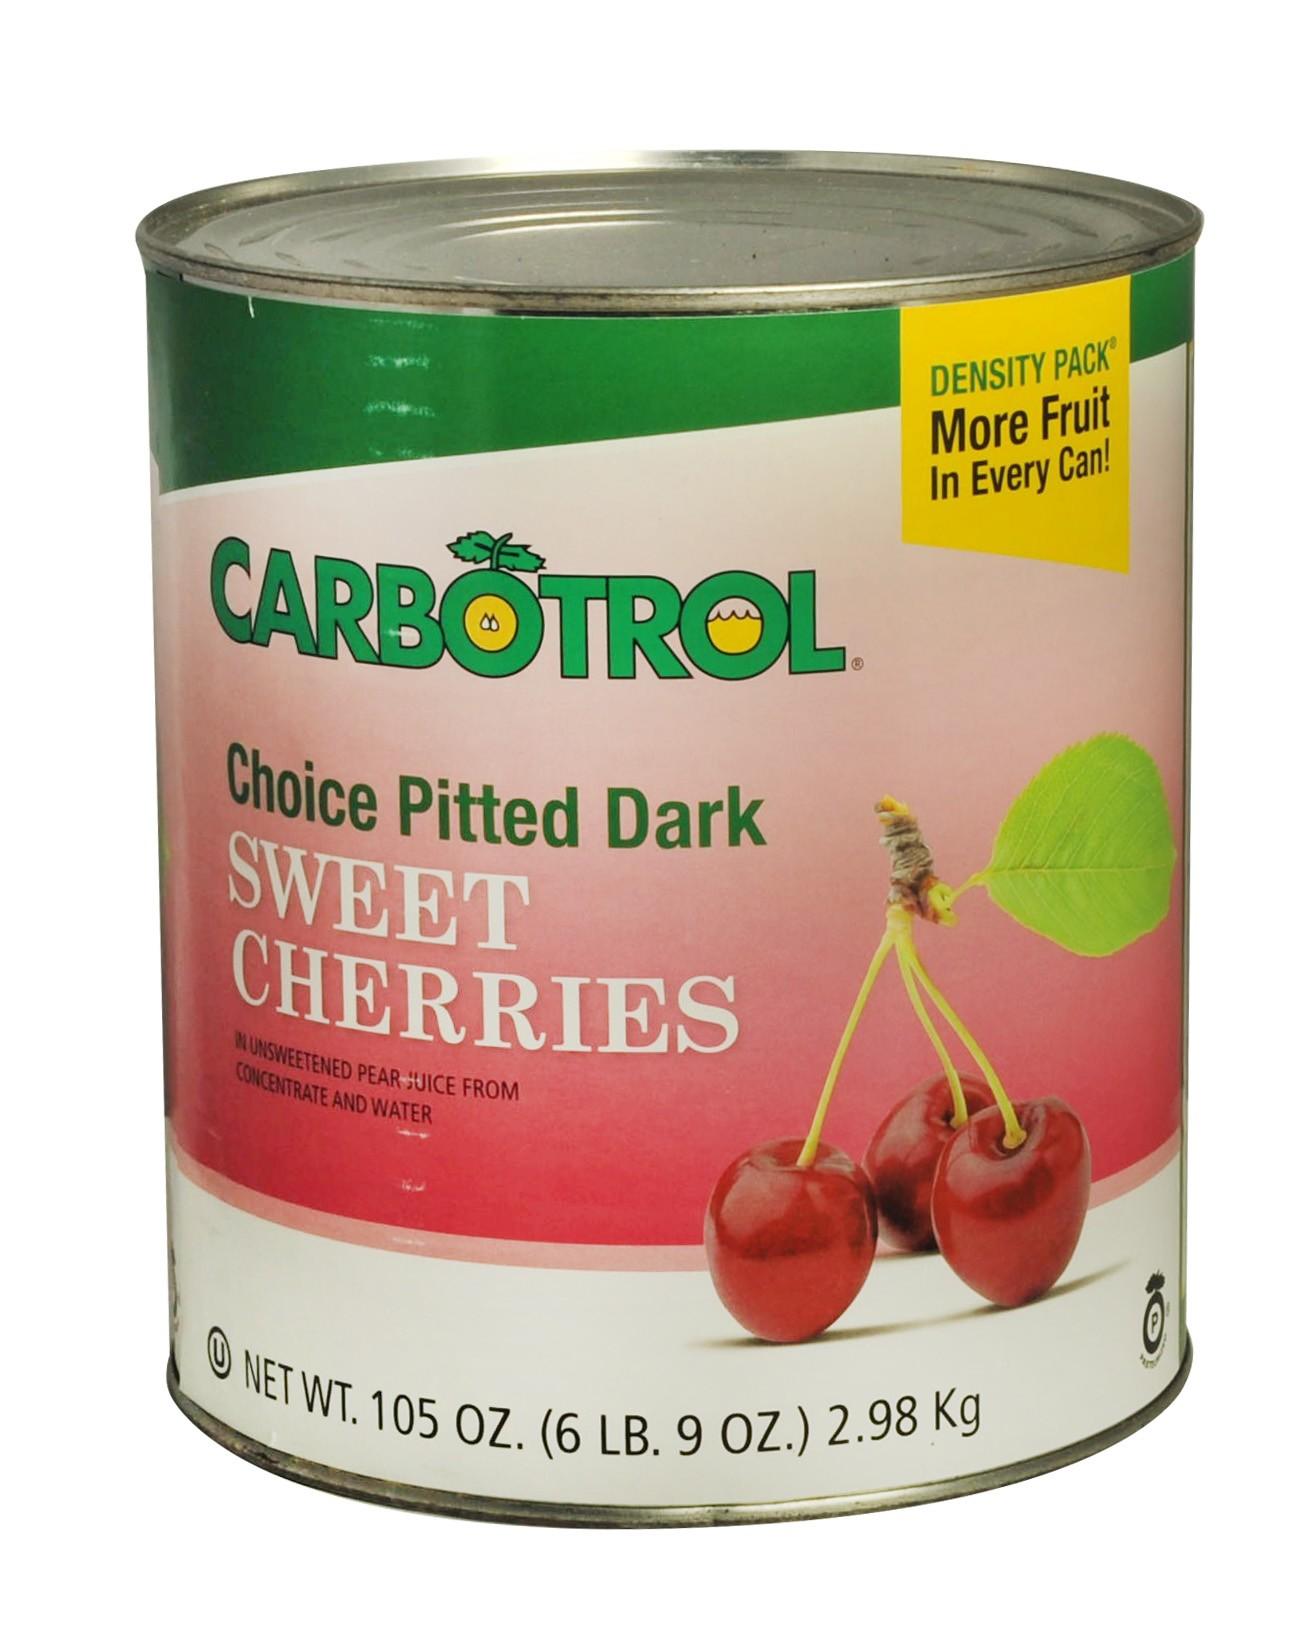 Carbotrol #10 Juice Packed Canned Fruit, Dark Sweet Cherries (1 -105oz Can)